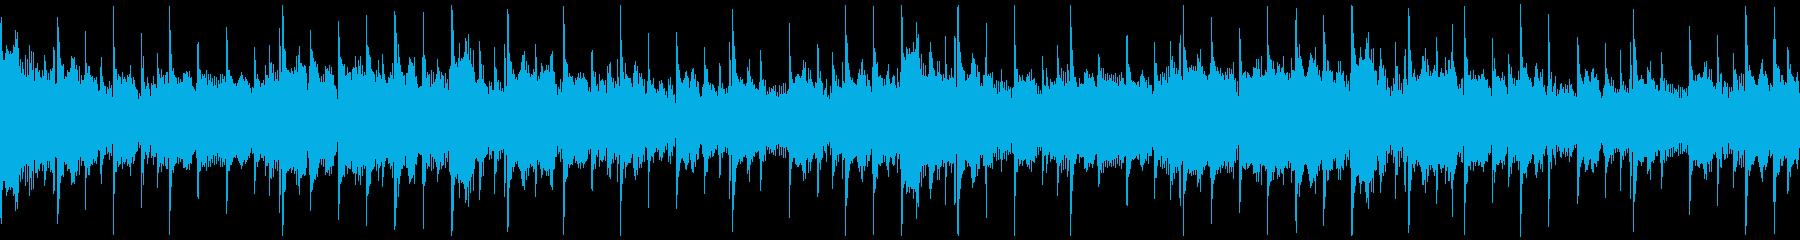 【メロなし・ループBメロ】和楽器EDMの再生済みの波形